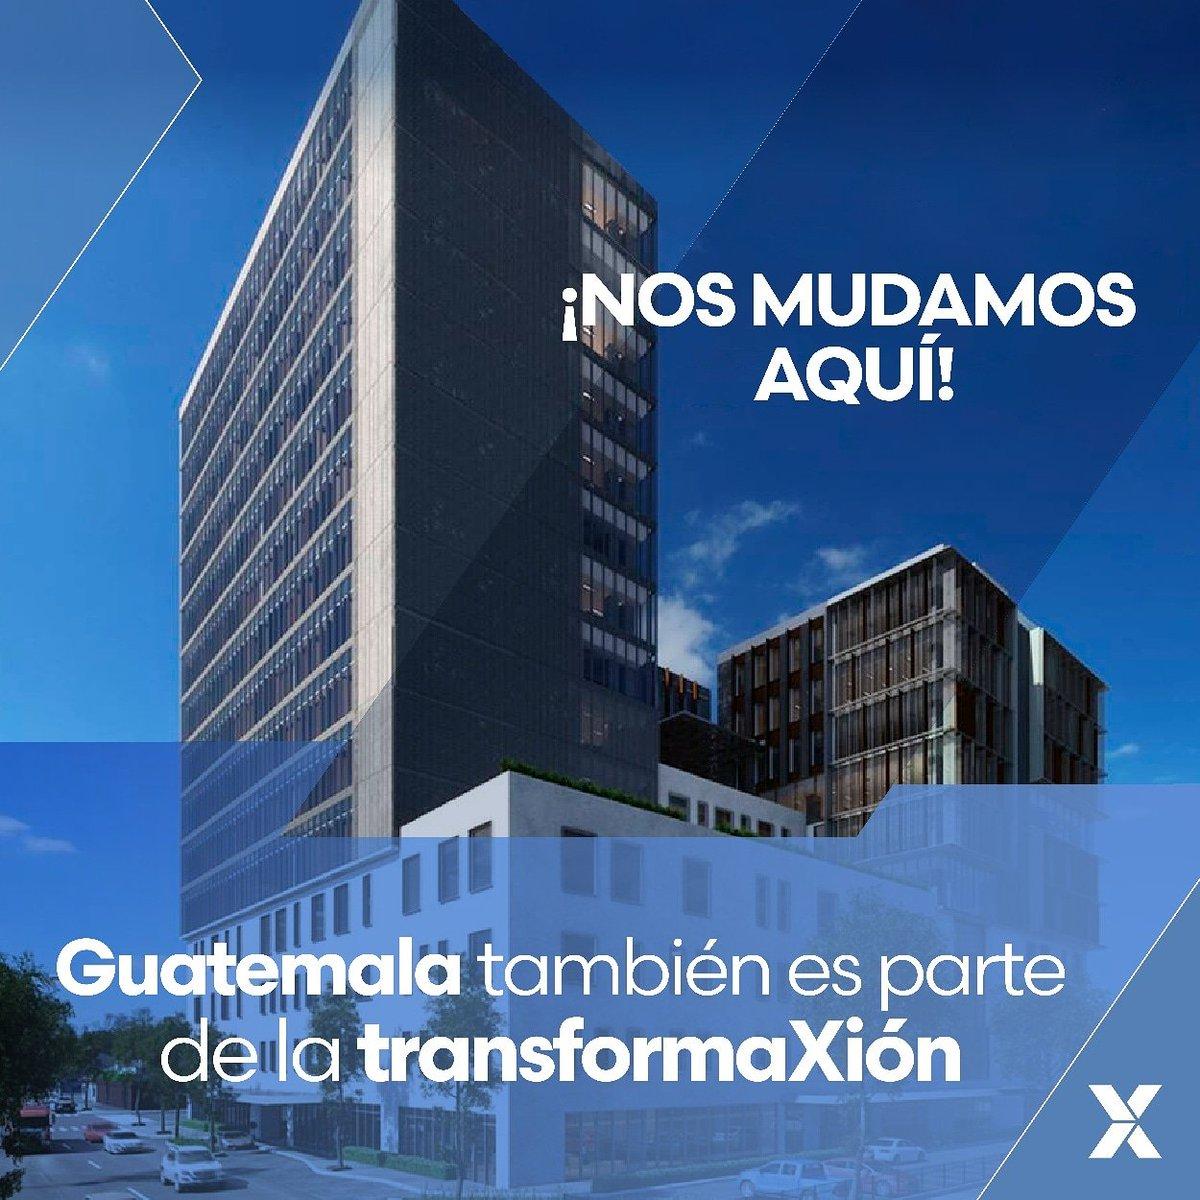 ¡Guatemala también es parte de la transformaXión!  A partir del 01 de octubre las oficinas de @fuxionoficial #Guatemala se trasladan a Boulevard Los Próceres, 13-50 de la zona 10, Centro Corporativo Los Próceres, 1er nivel, Local 103. https://t.co/dG8xgeqbwQ